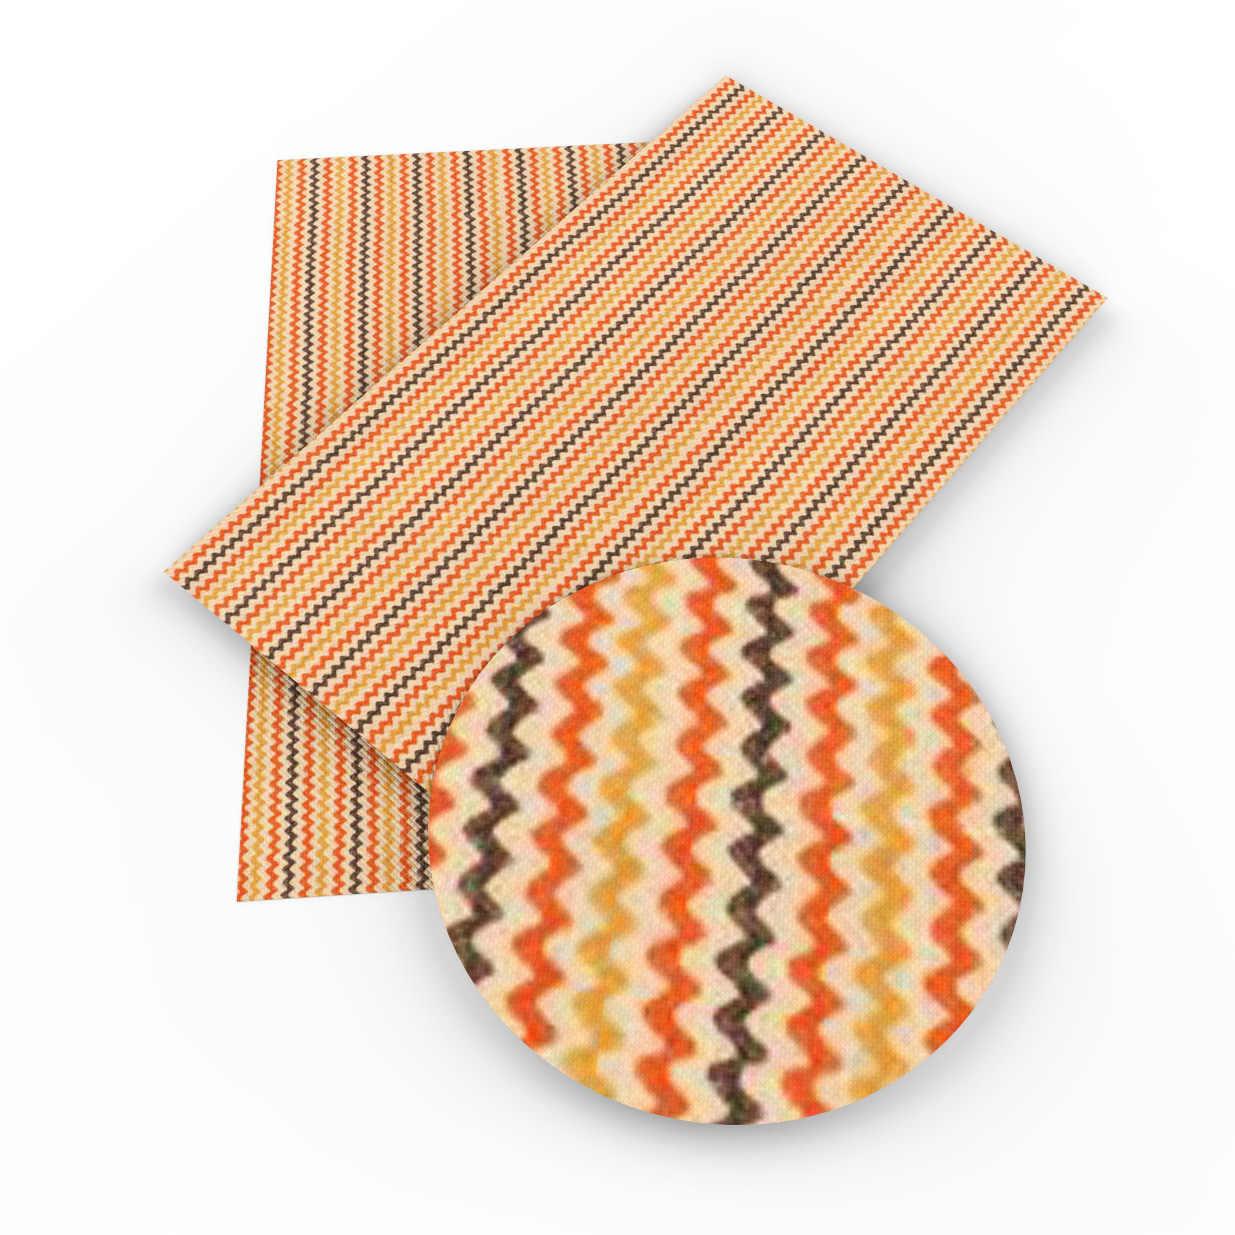 David acessórios 20x34cm listra falso couro sintético diy casa têxtil decorativo costura vestuário knotbow saco artesanato, 1yc5066